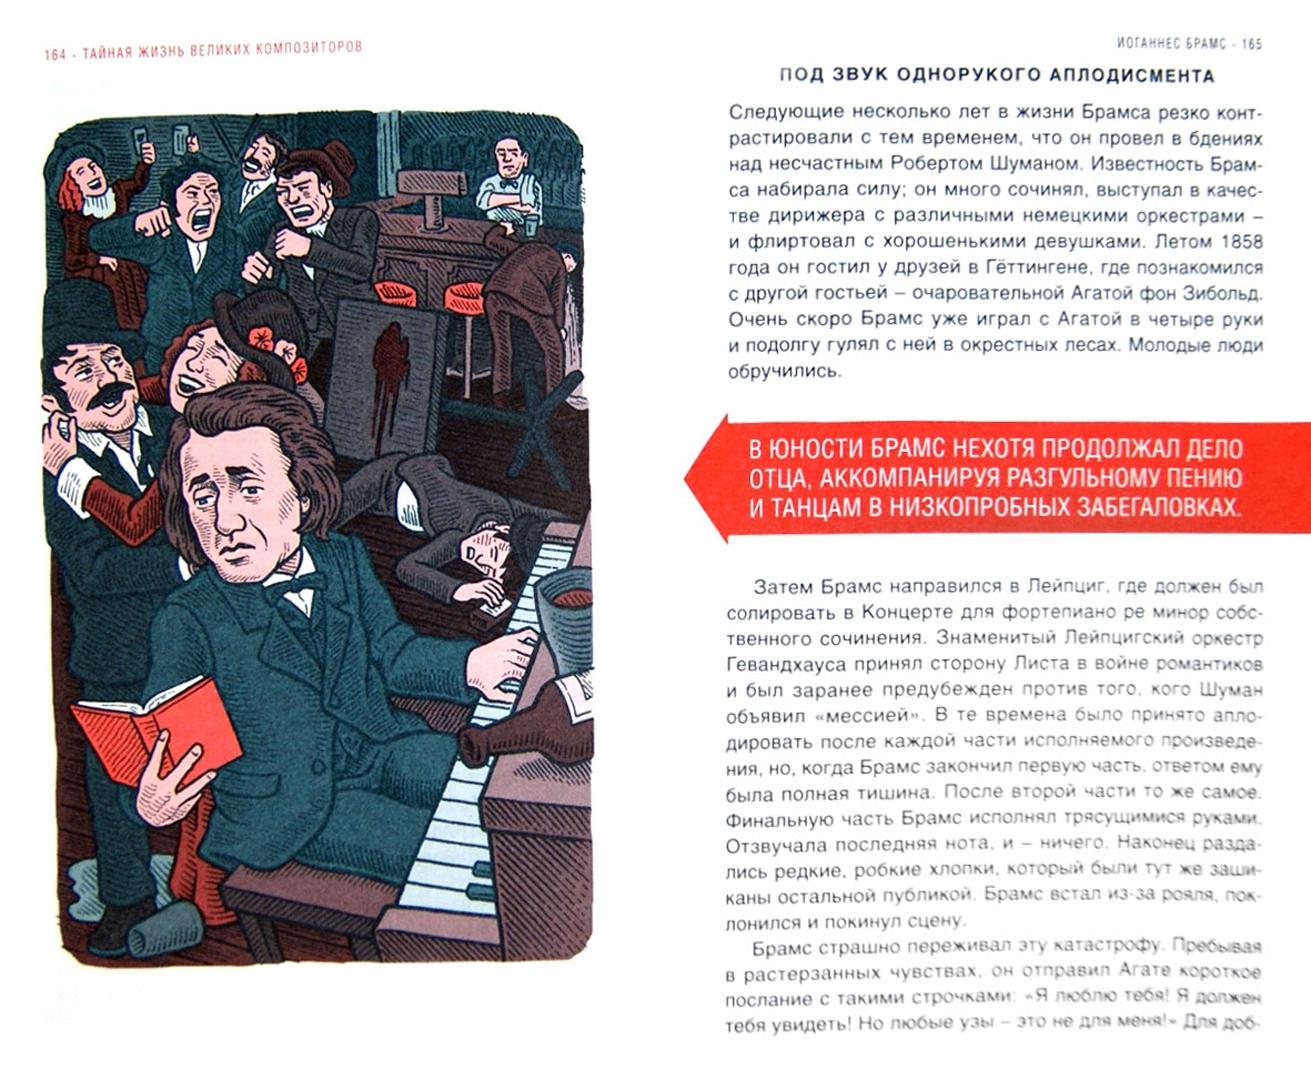 Иллюстрация 1 из 22 для Тайная жизнь великих композиторов - Элизабет Ланди | Лабиринт - книги. Источник: Лабиринт